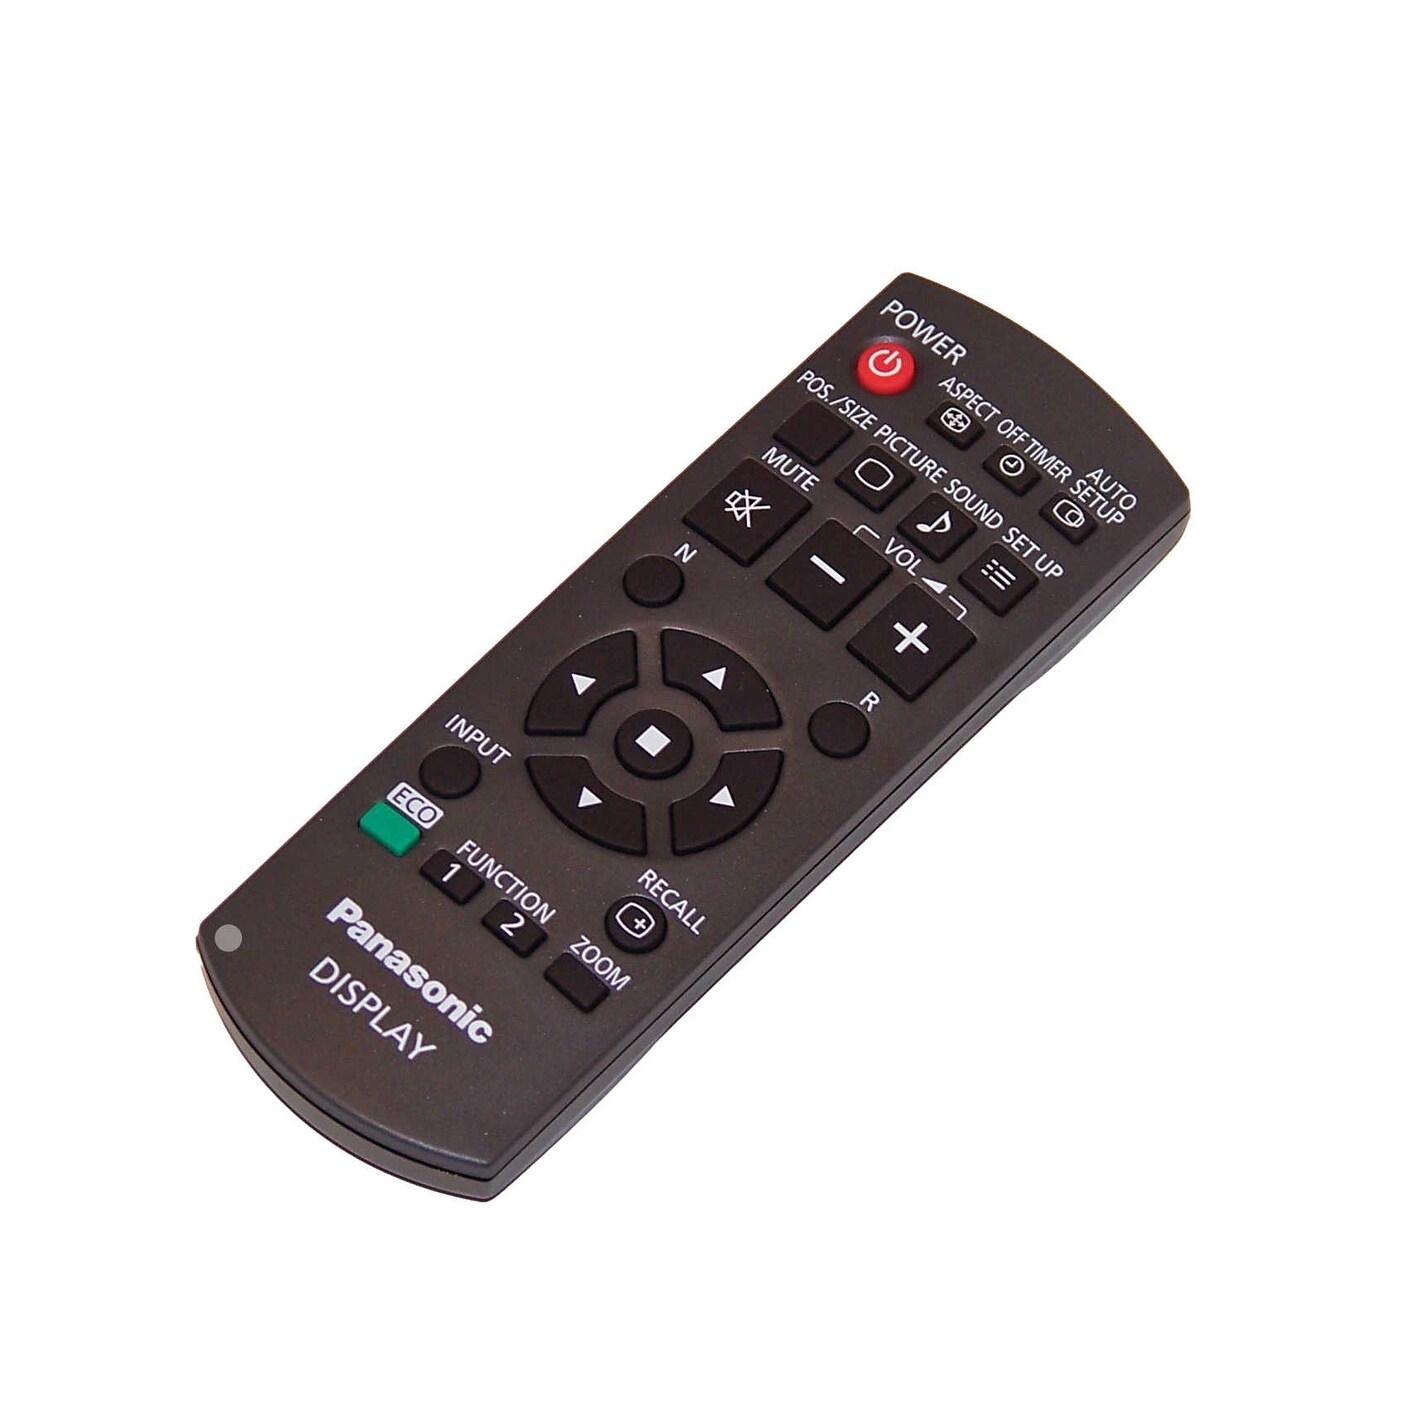 iLX-107 OEM Alpine Remote Control Originally Shipped with: iLX107 iLX-207 iLX207